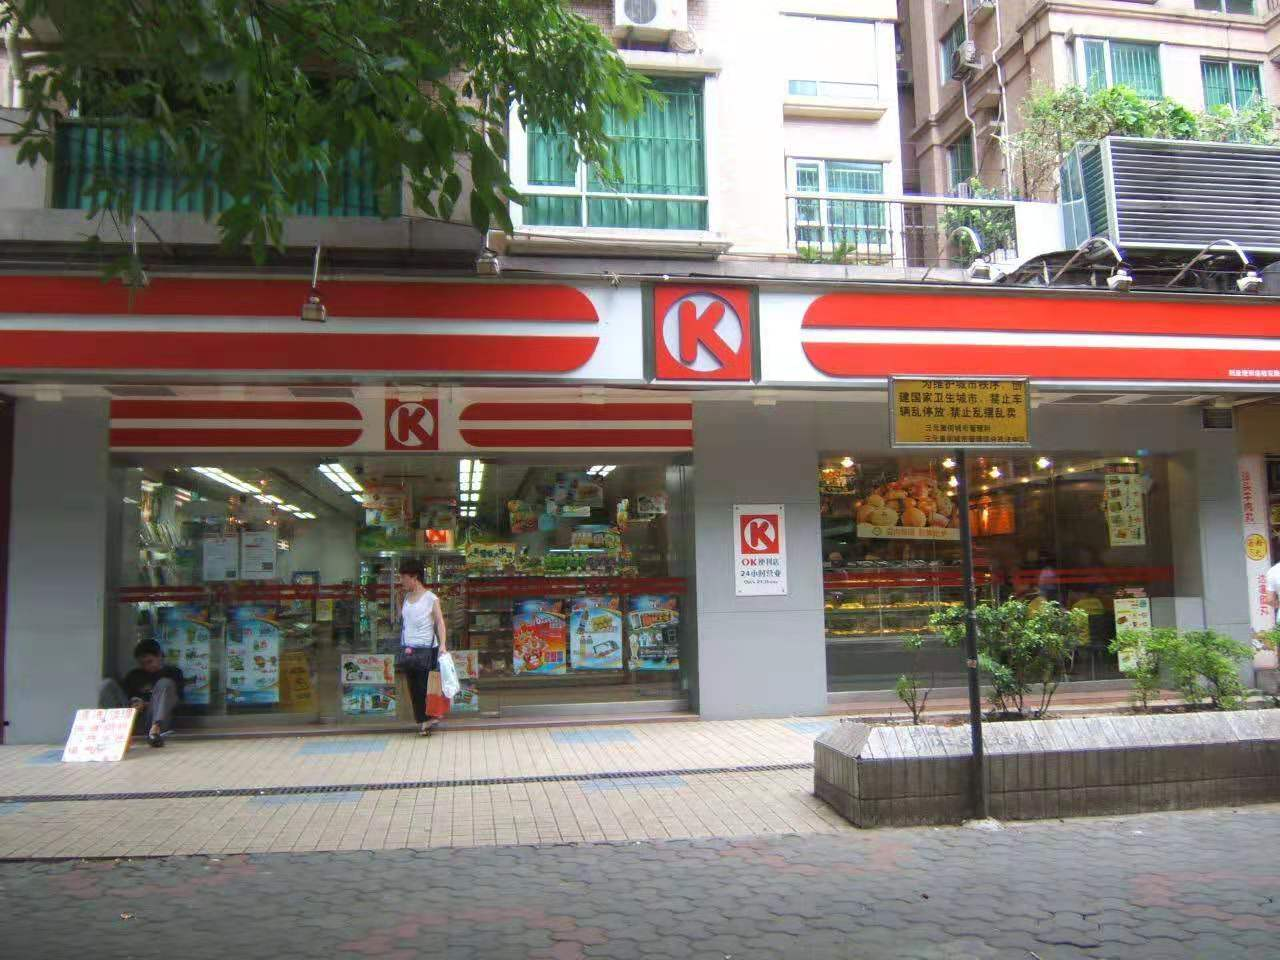 苏宁宣布收购广州60余家OK便利店:加快布局华南